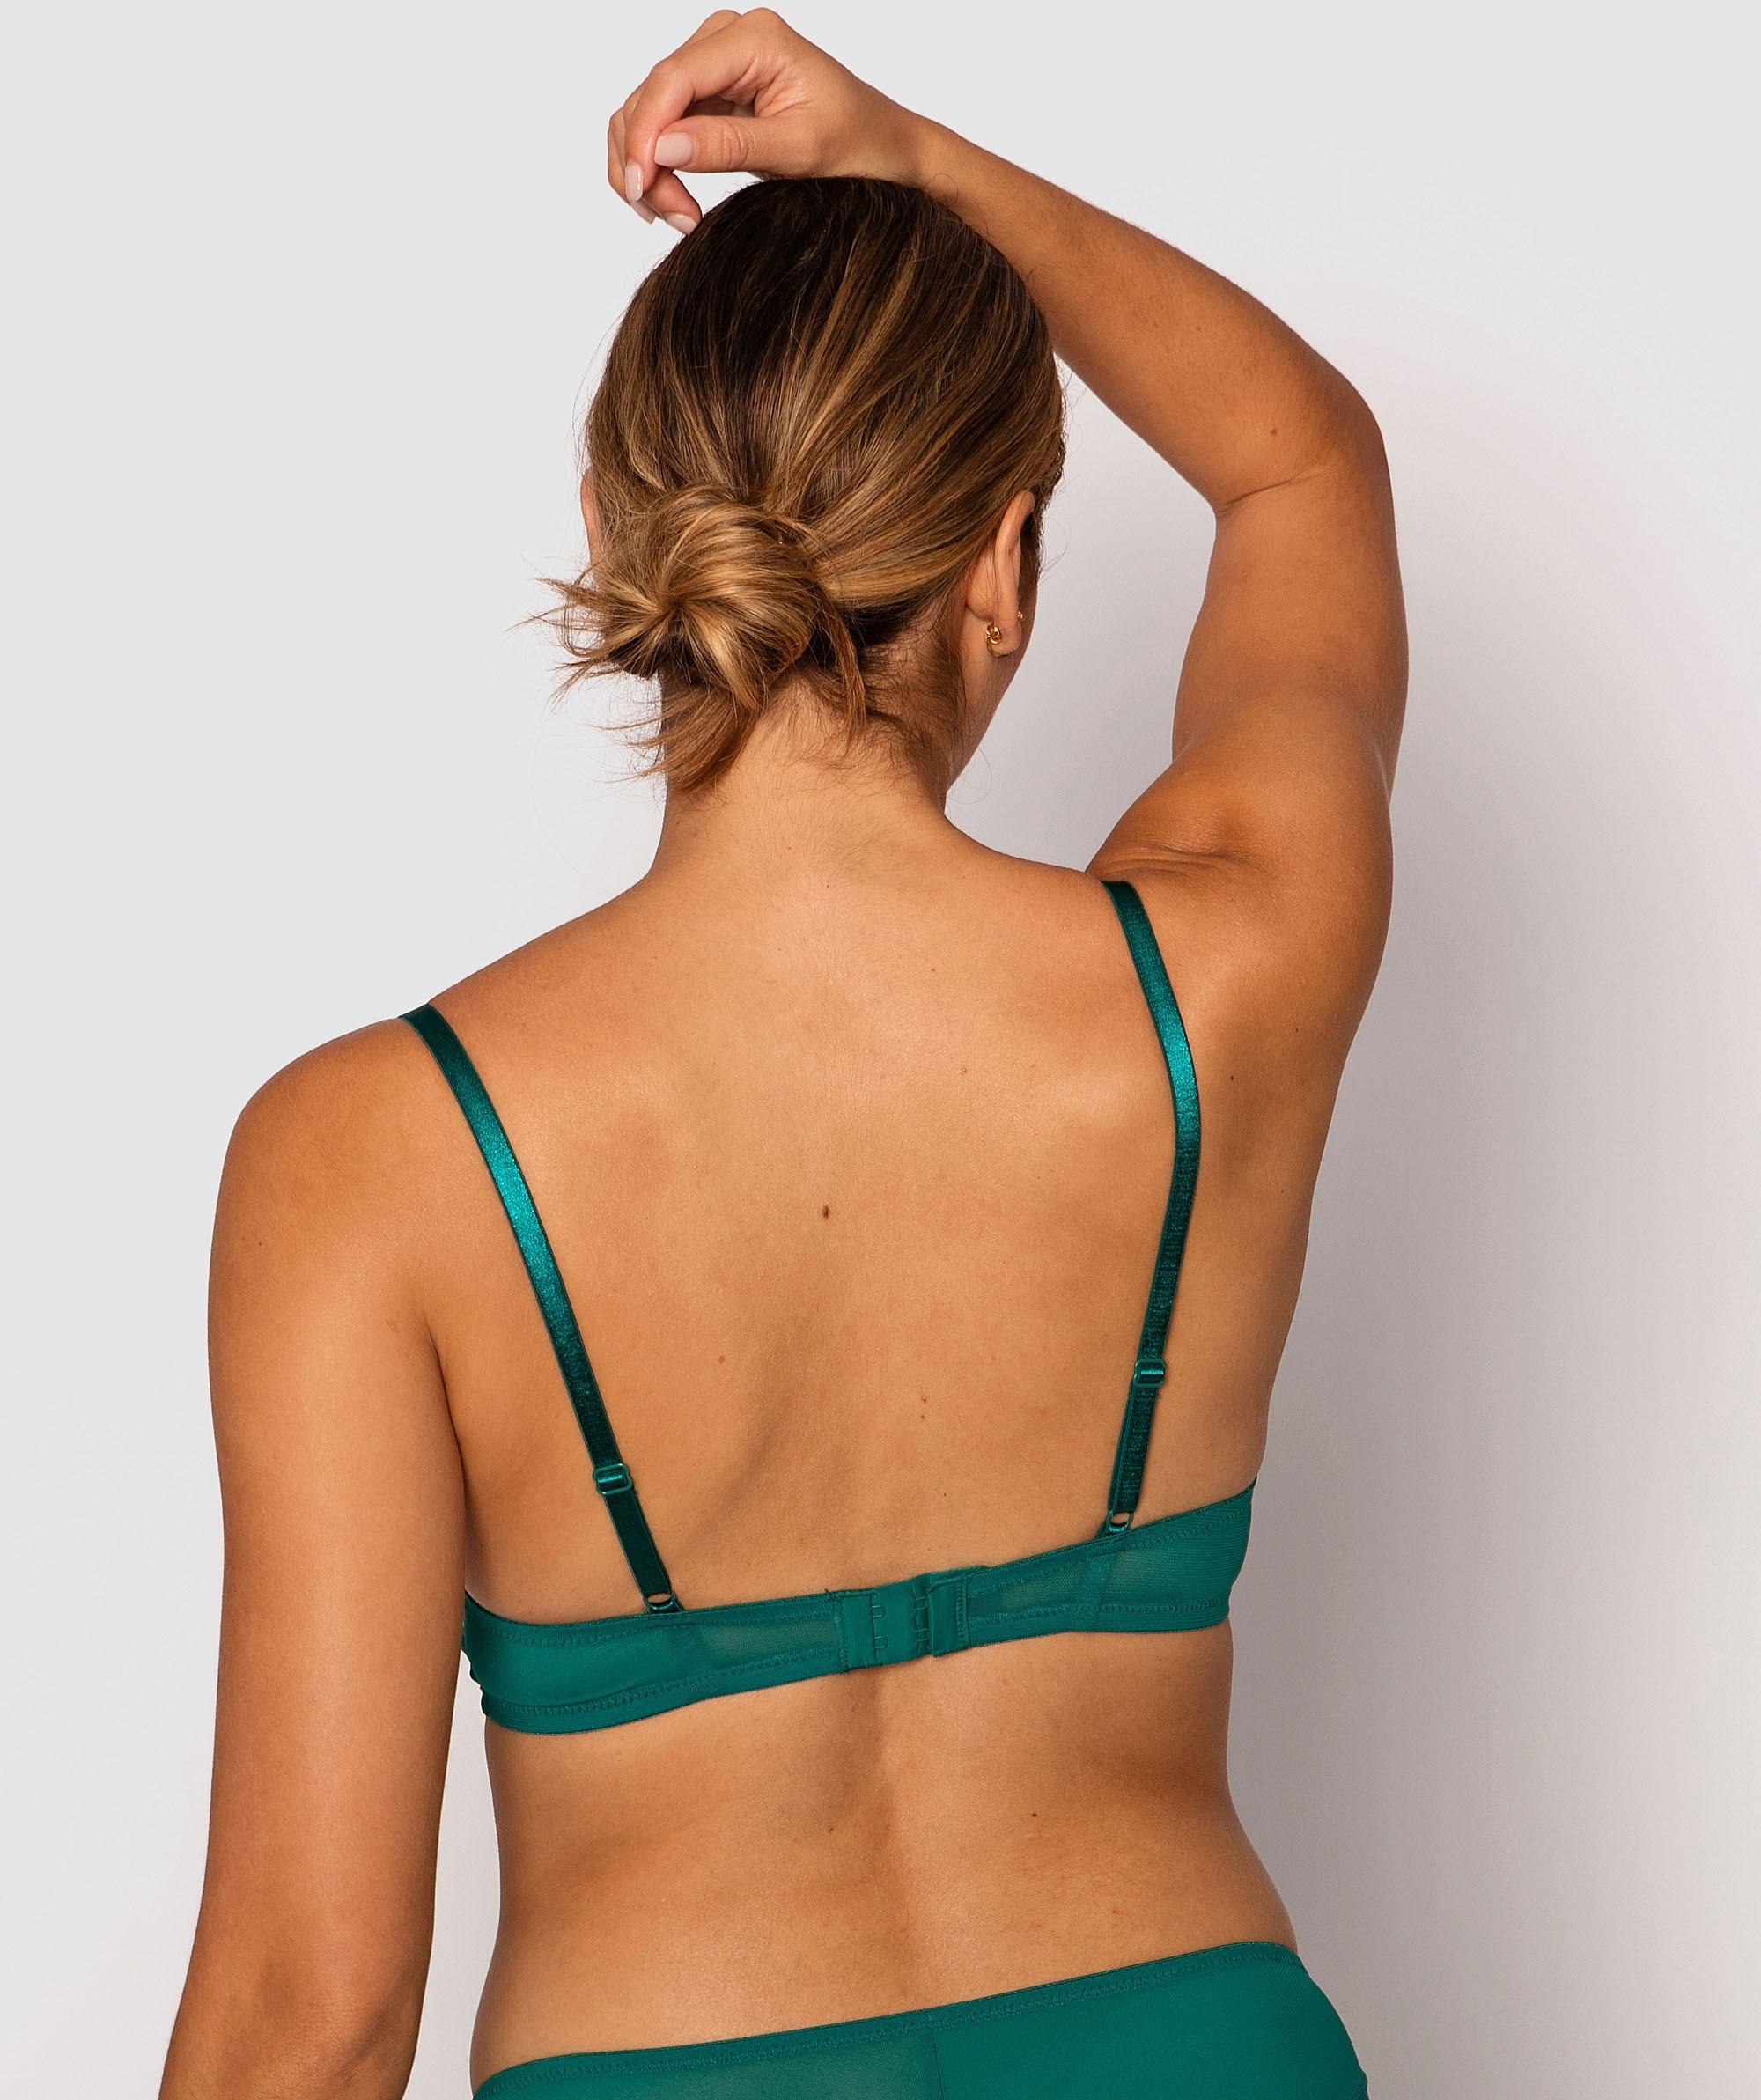 Olivia Plunge Contour Bra - Dark Green